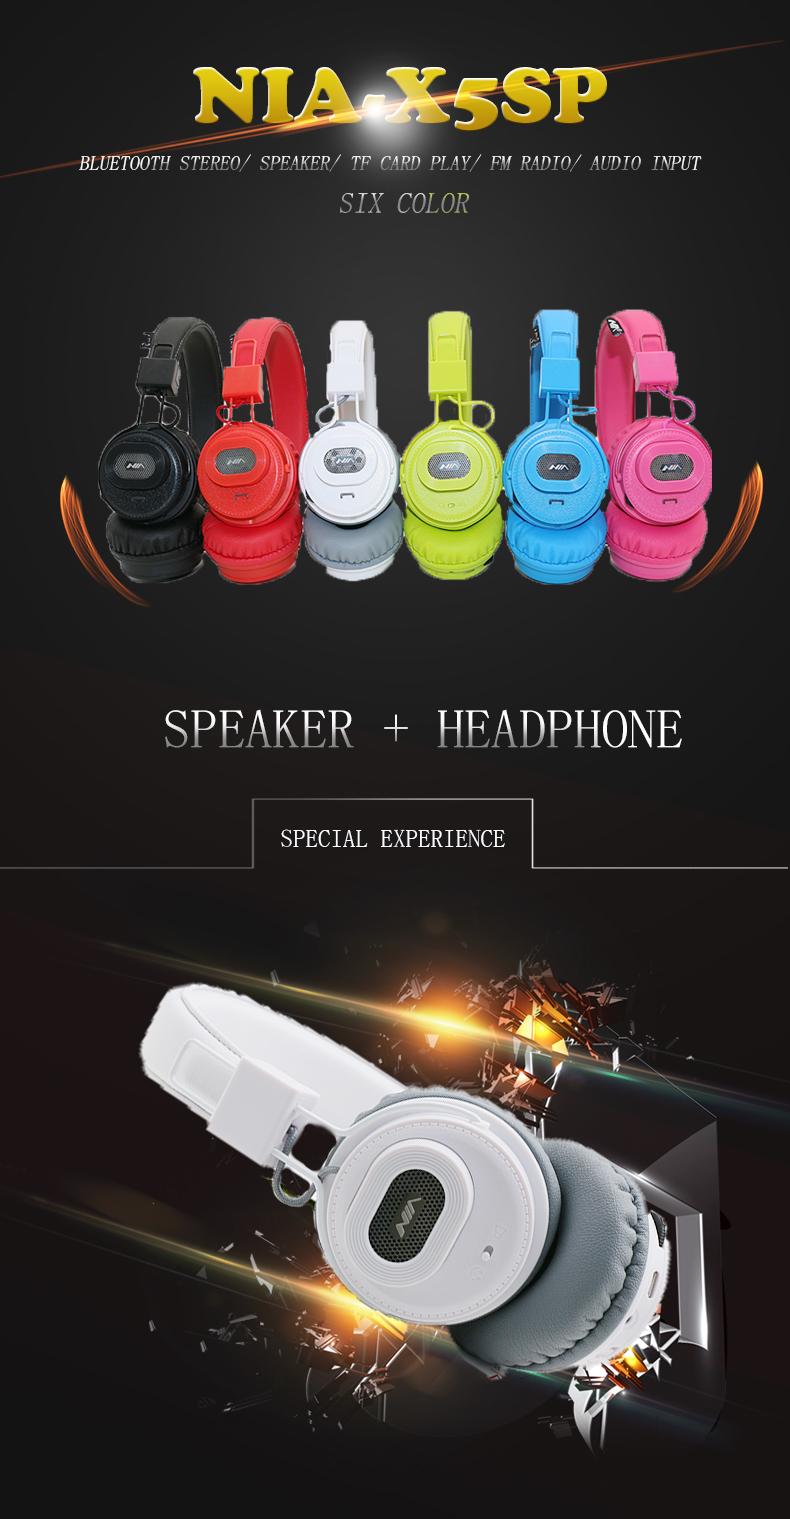 Casque Sans Fil Stéréo Bluetooth - NIA X5SP D'origine Casque Haut-parleurs Bluetooth fone de ouvido avec Mic Chez Gift.Ma Boutique des cadeaux aux meilleurs prix en ligne au Maroc